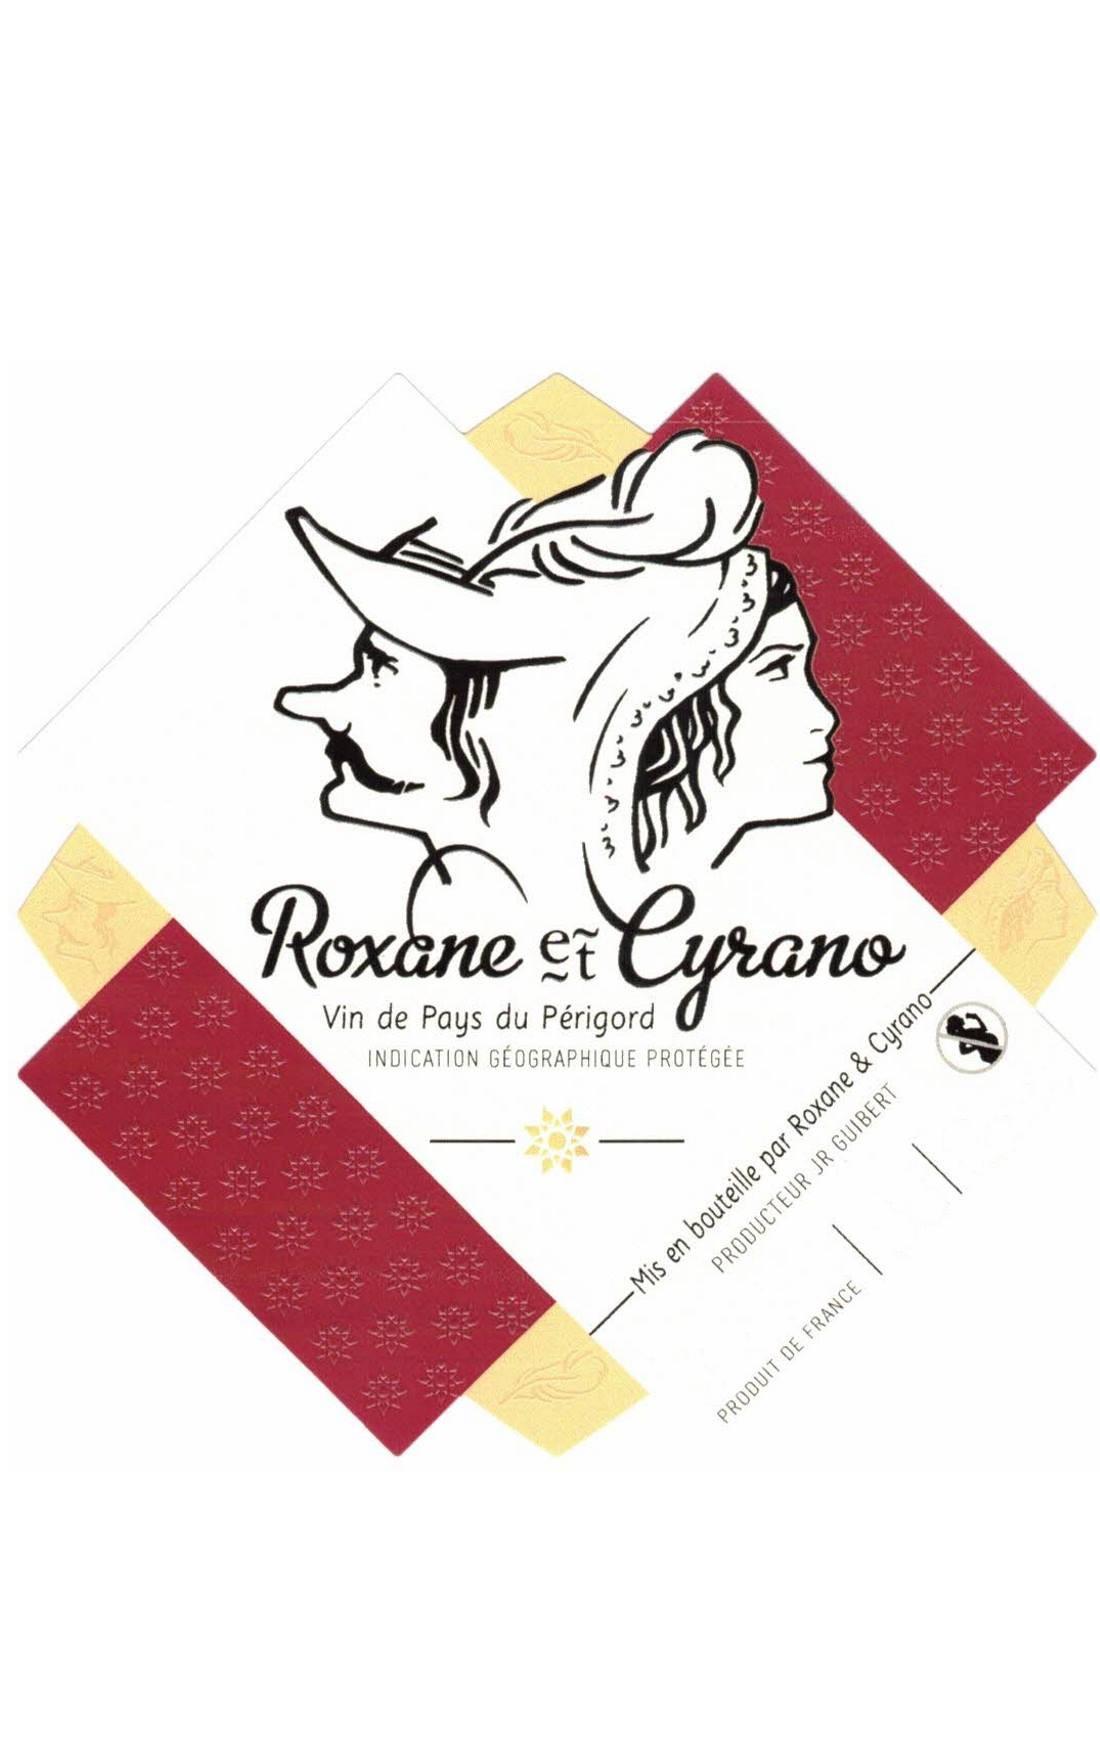 IGP Roxane et Cyrano Rouge